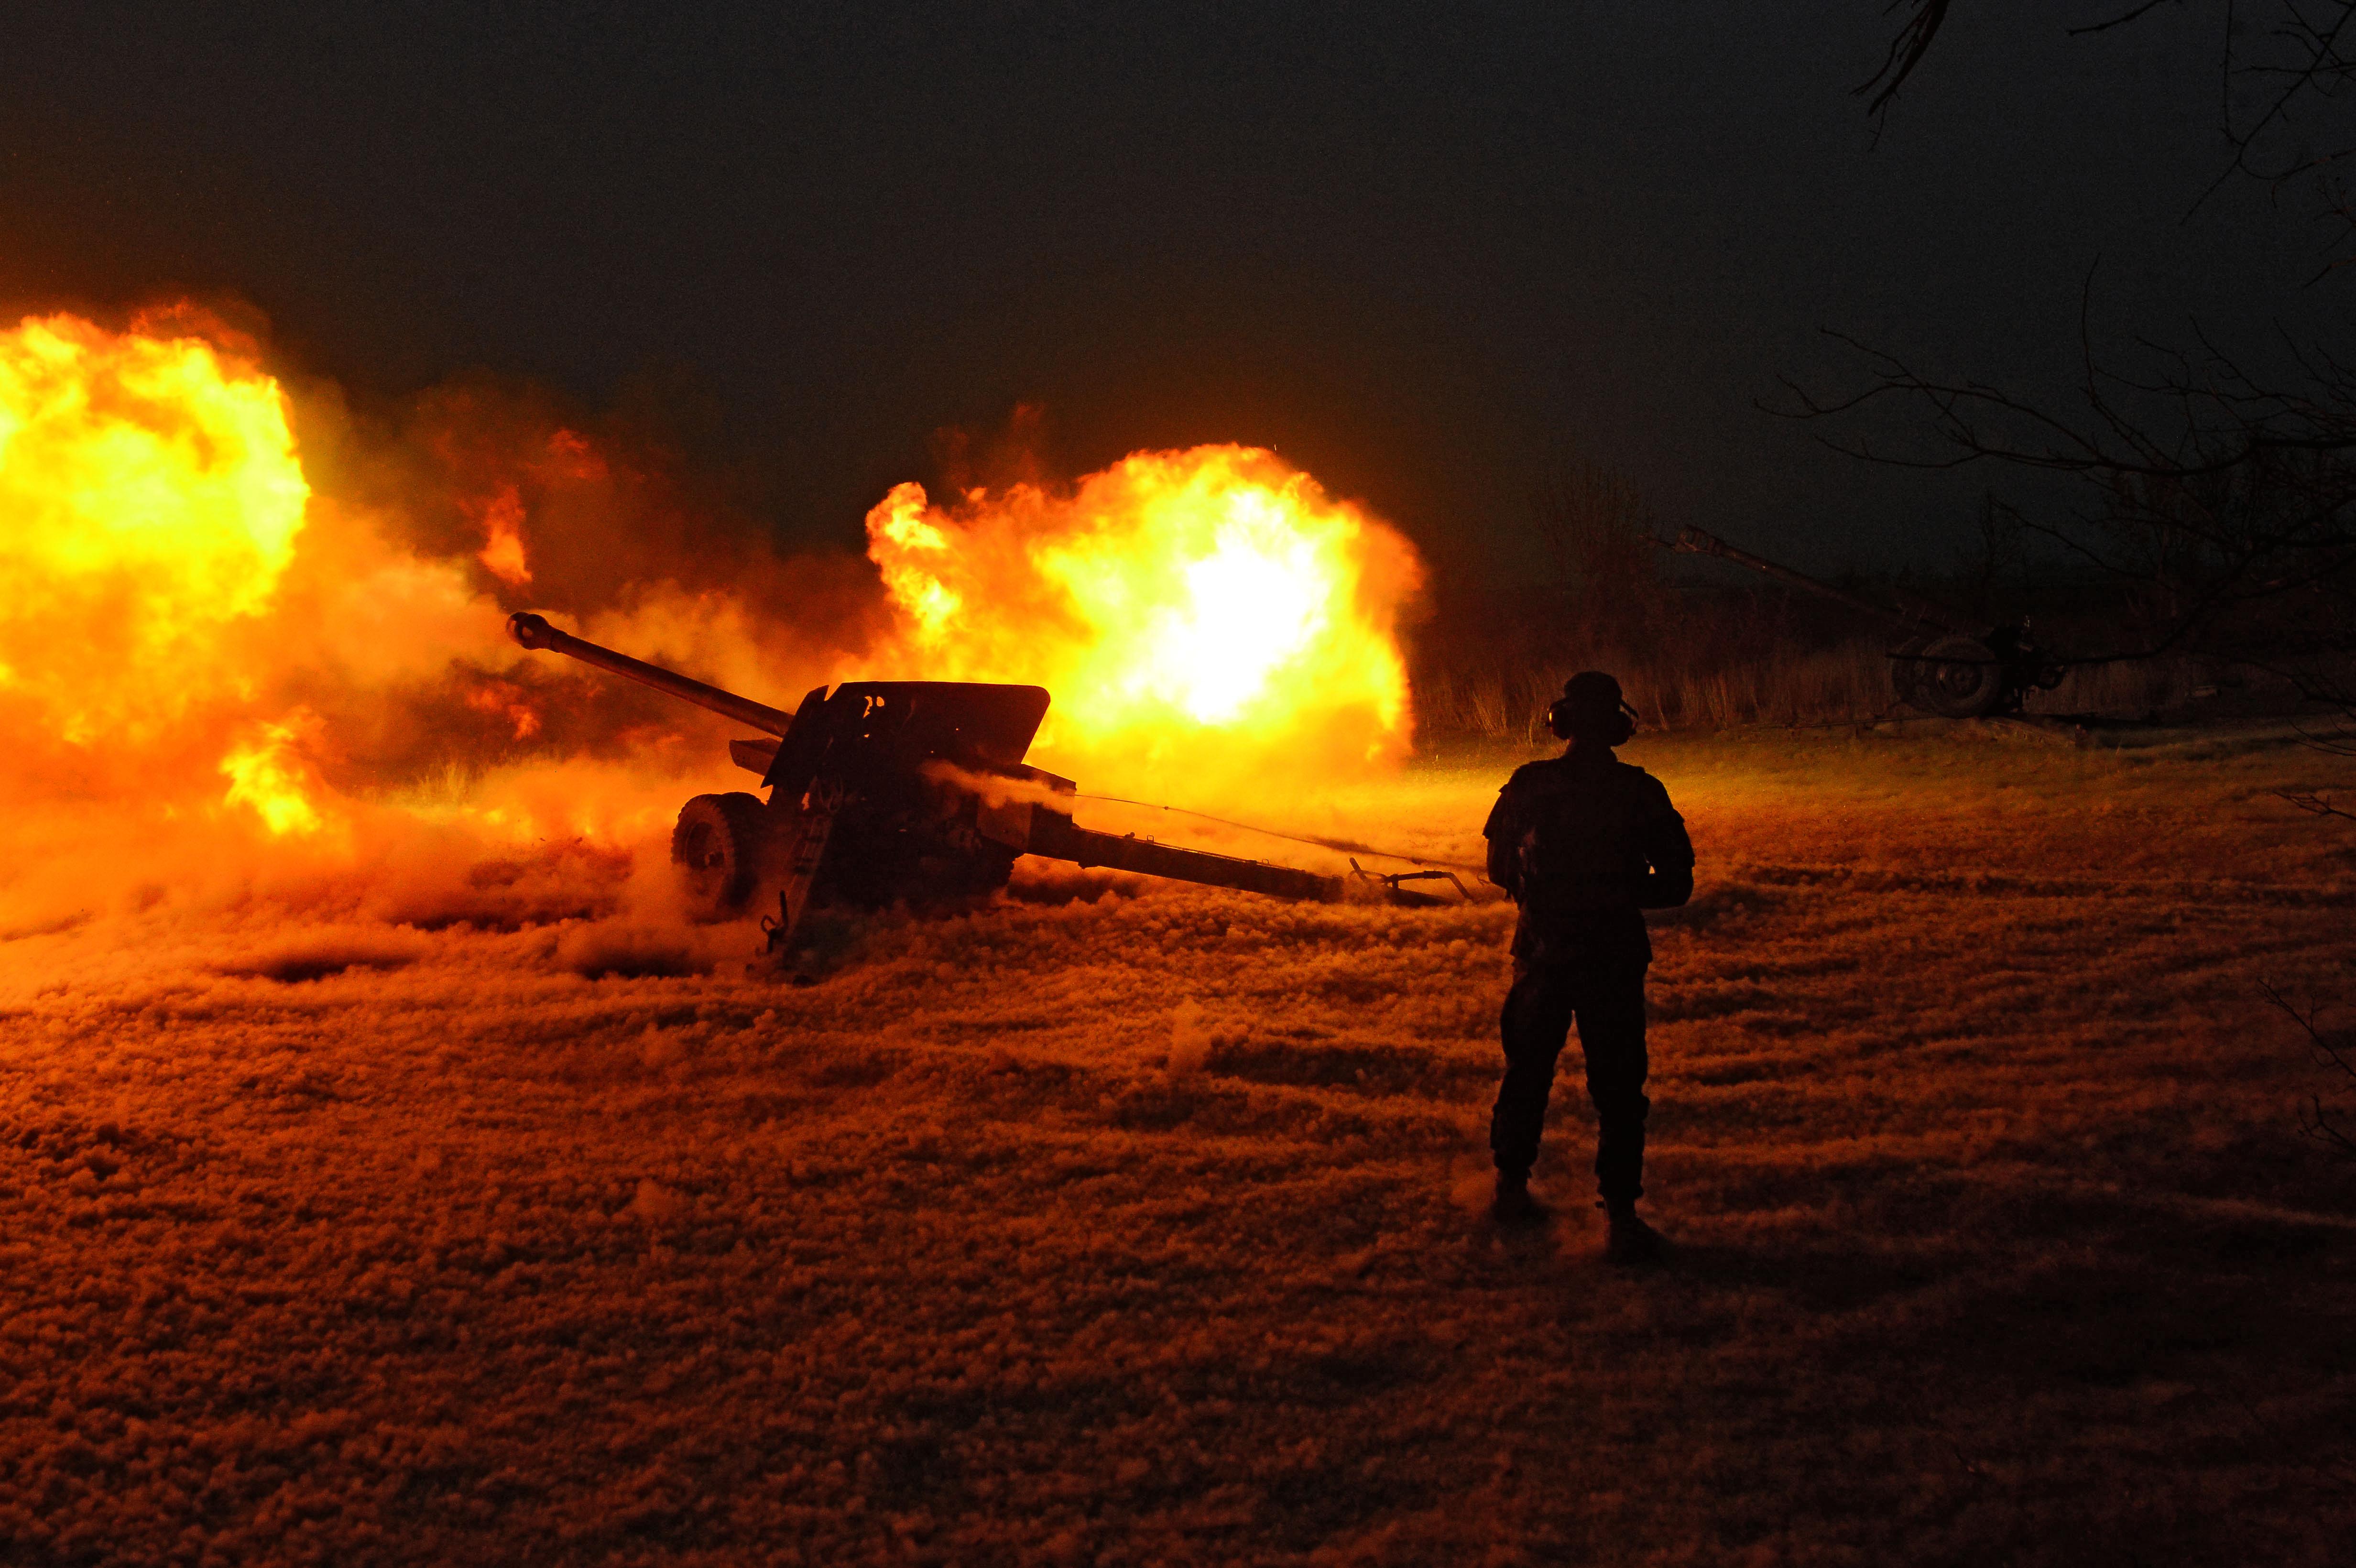 اعزام نیروهای بیشتر افغان به فراه همزمان با شدت یافتن حملات طالبان